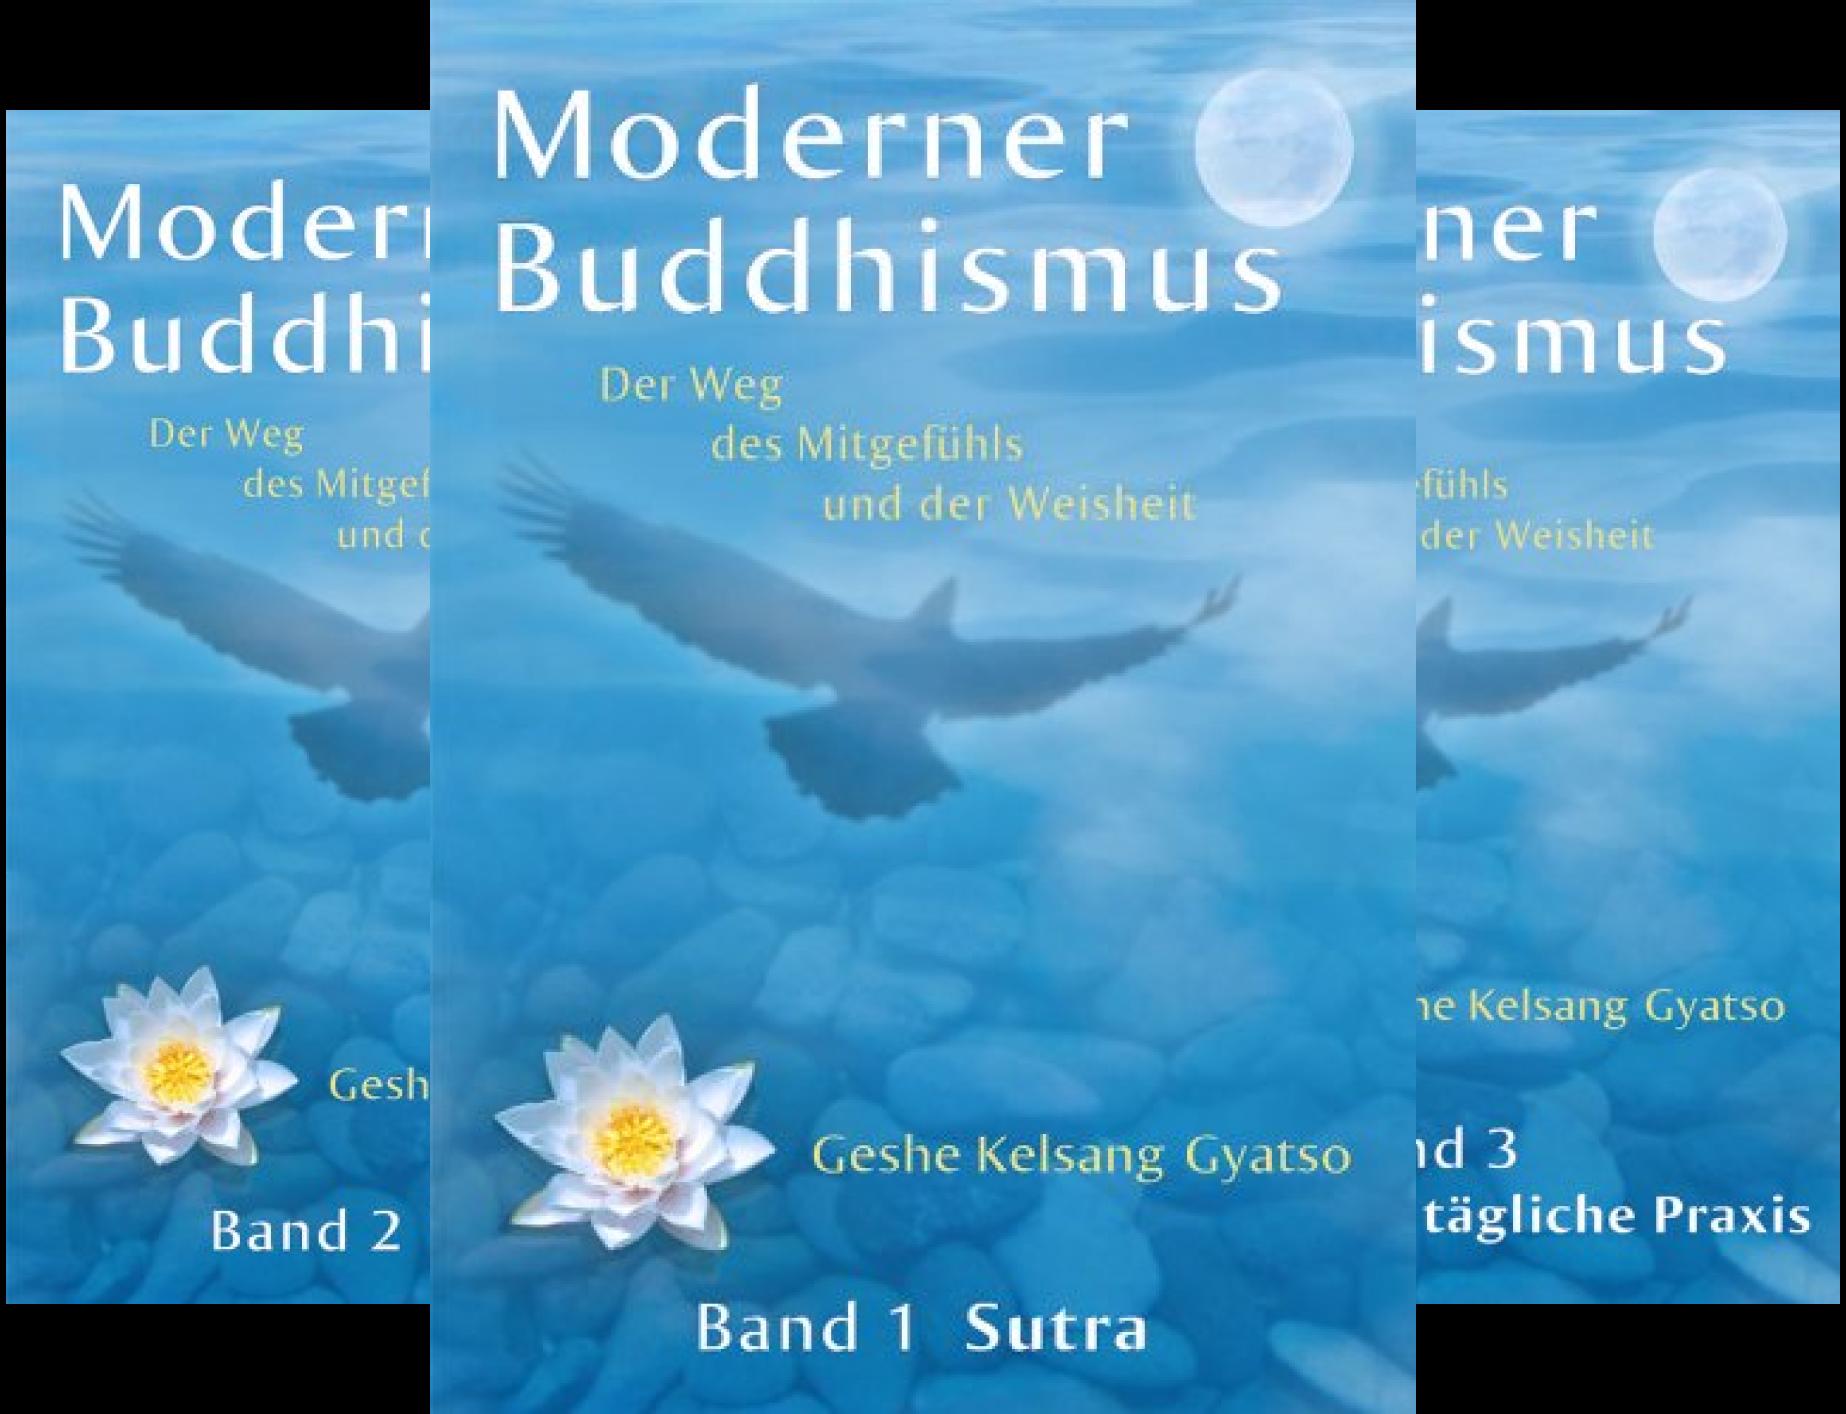 Moderner Buddhismus (Reihe in 3 Bänden)